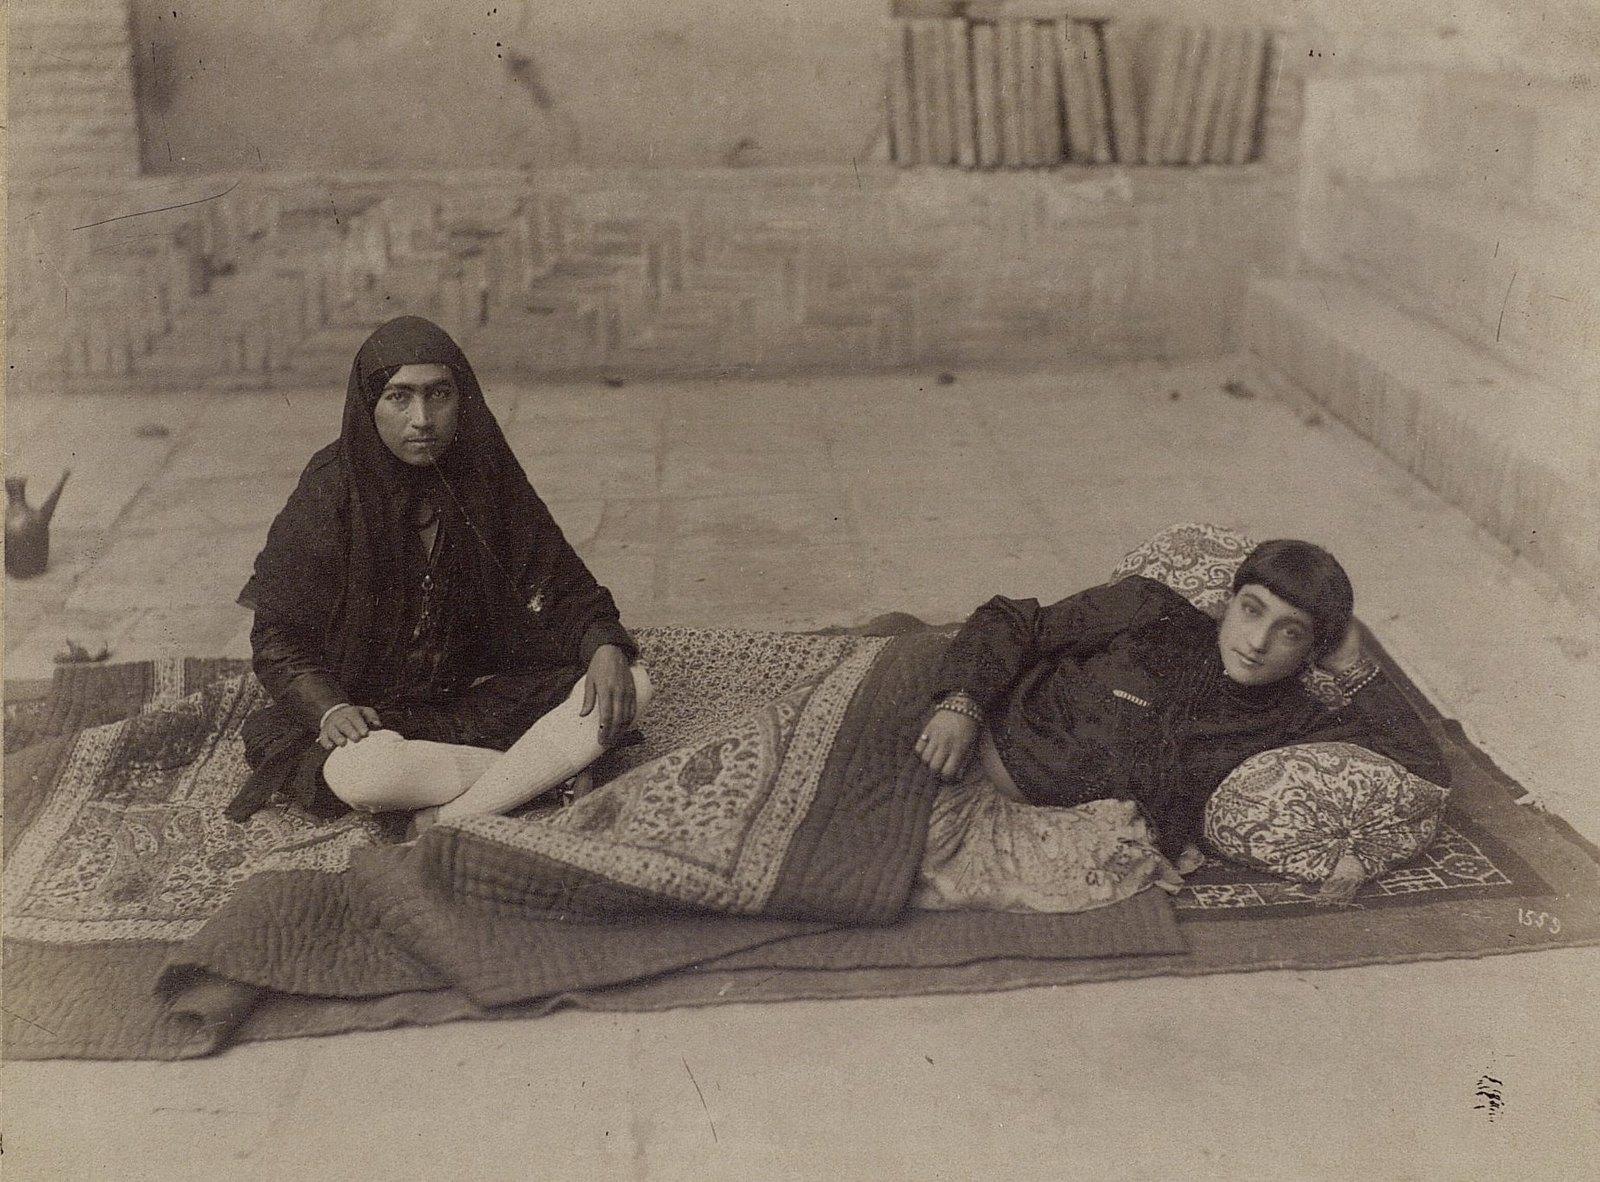 Женщины в эндеруне (внутреннем дворце) (3)